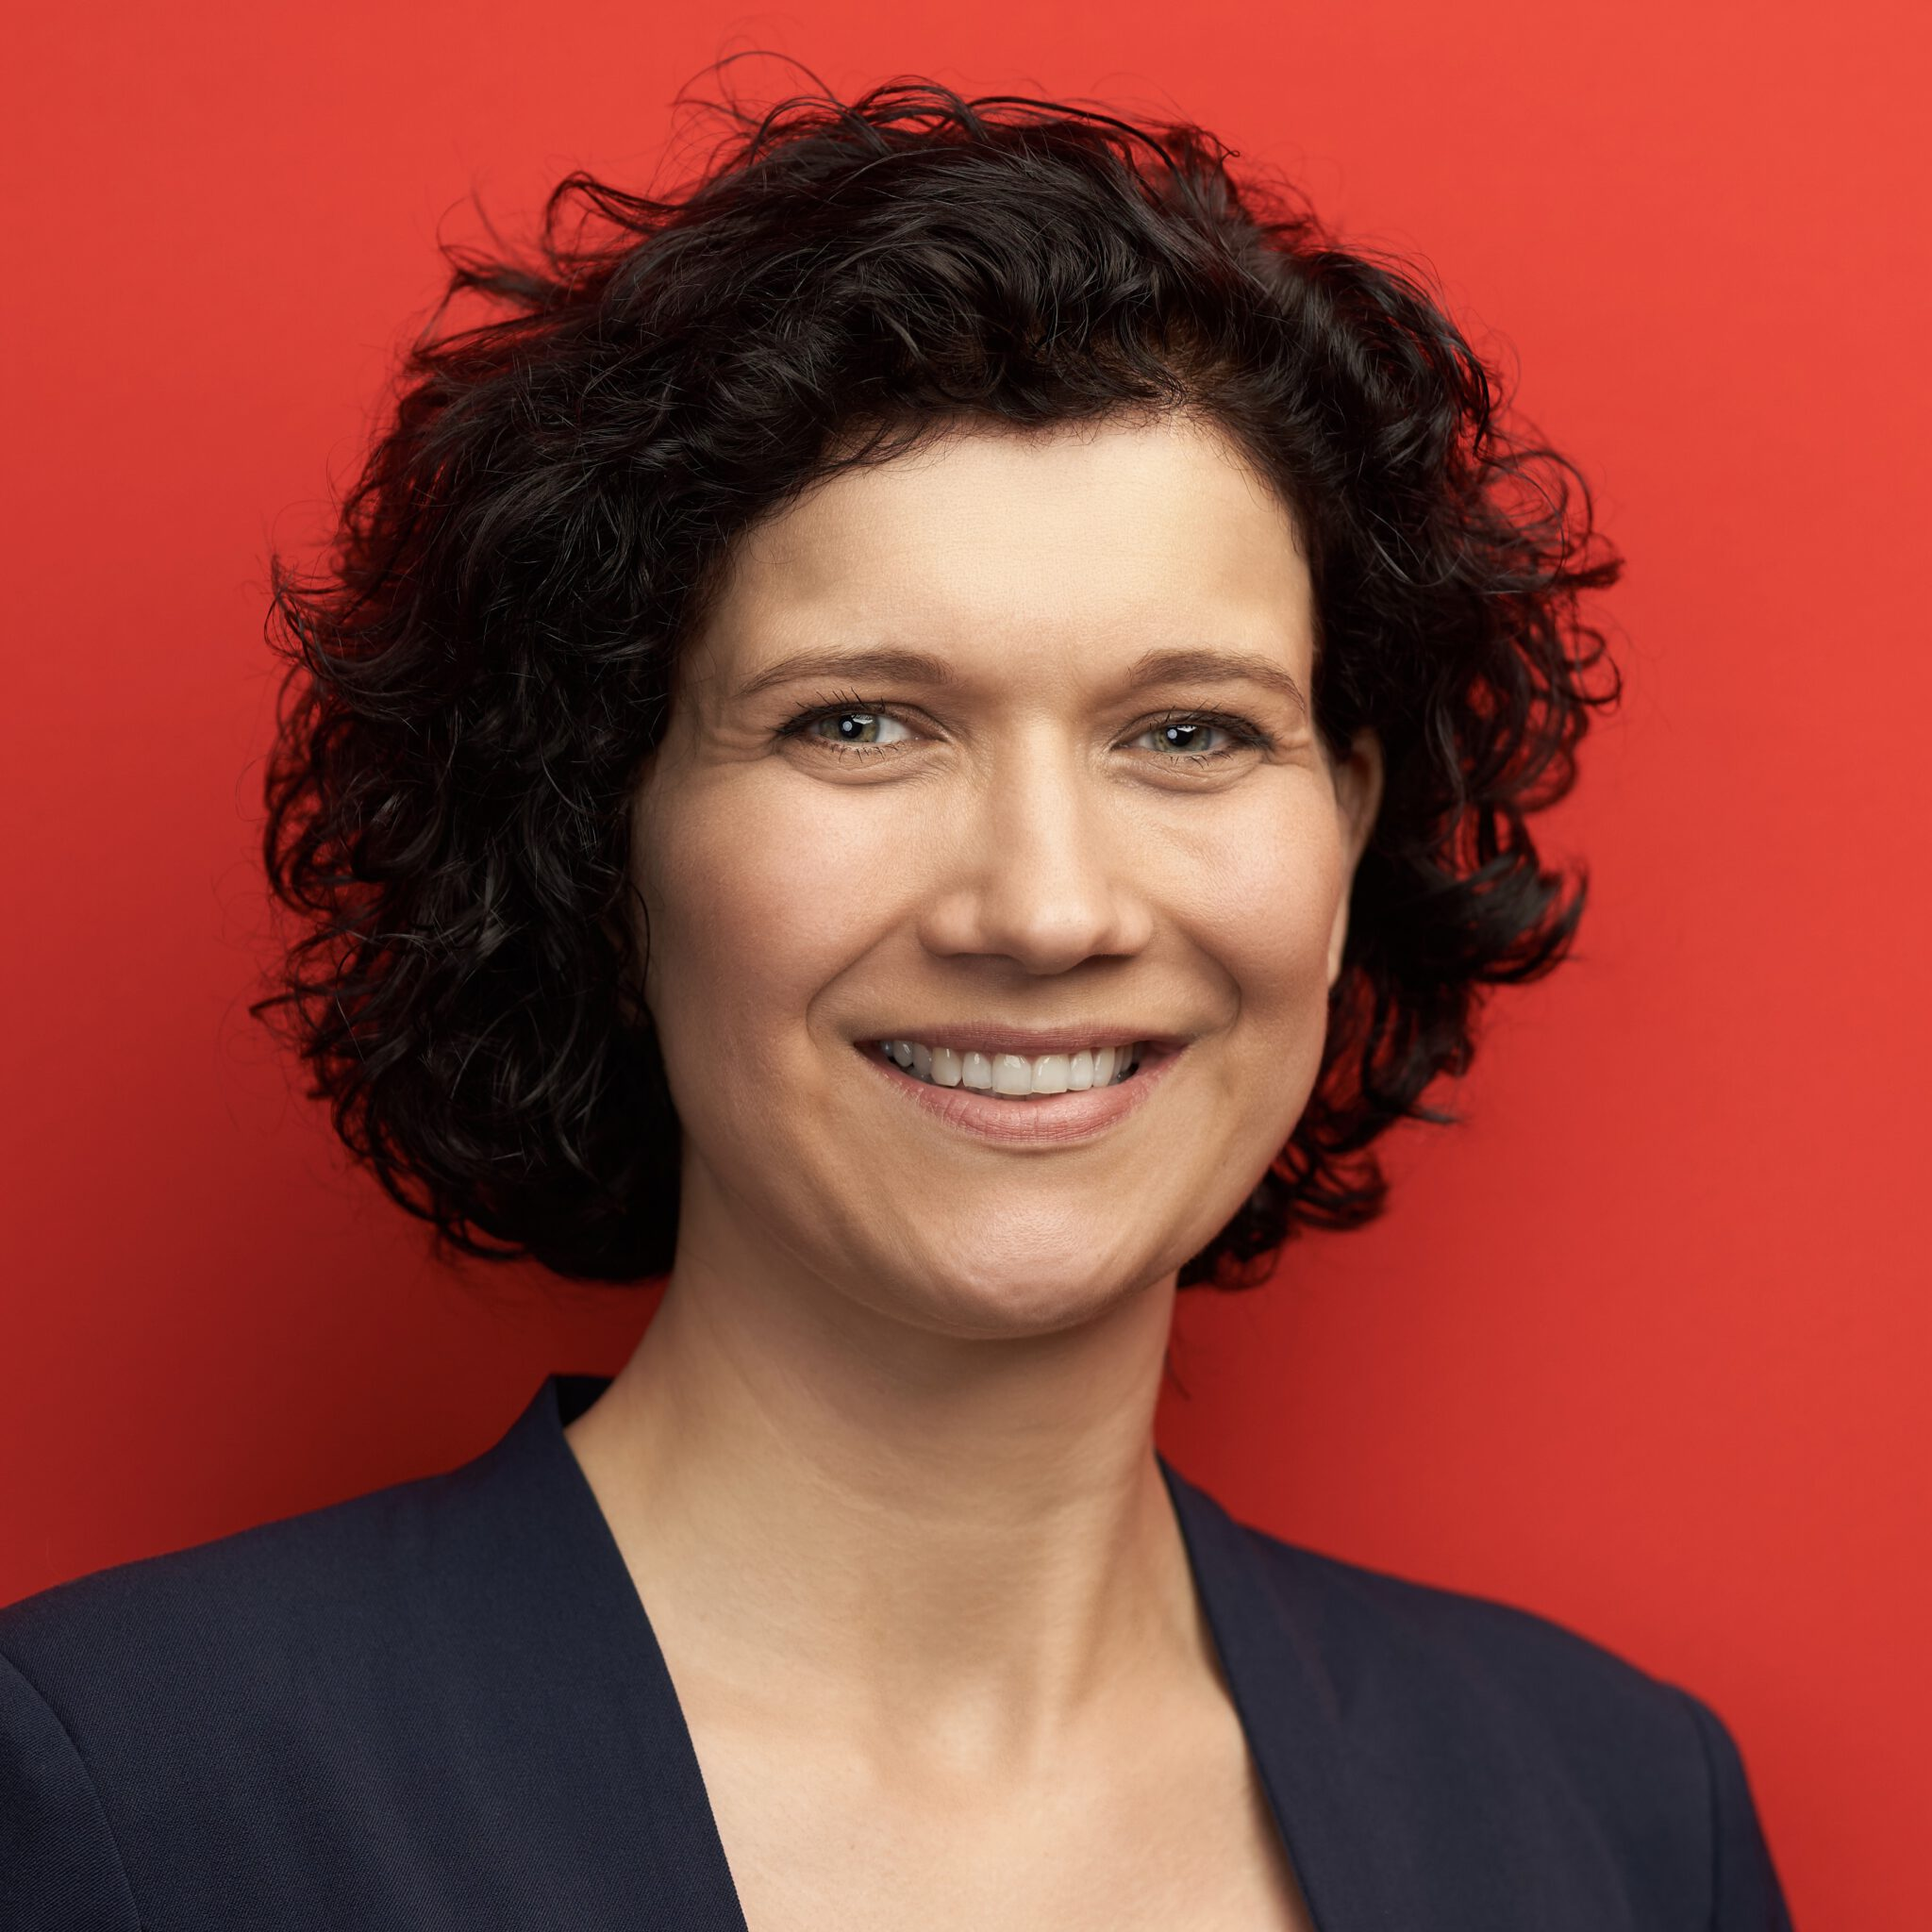 Janine Merz